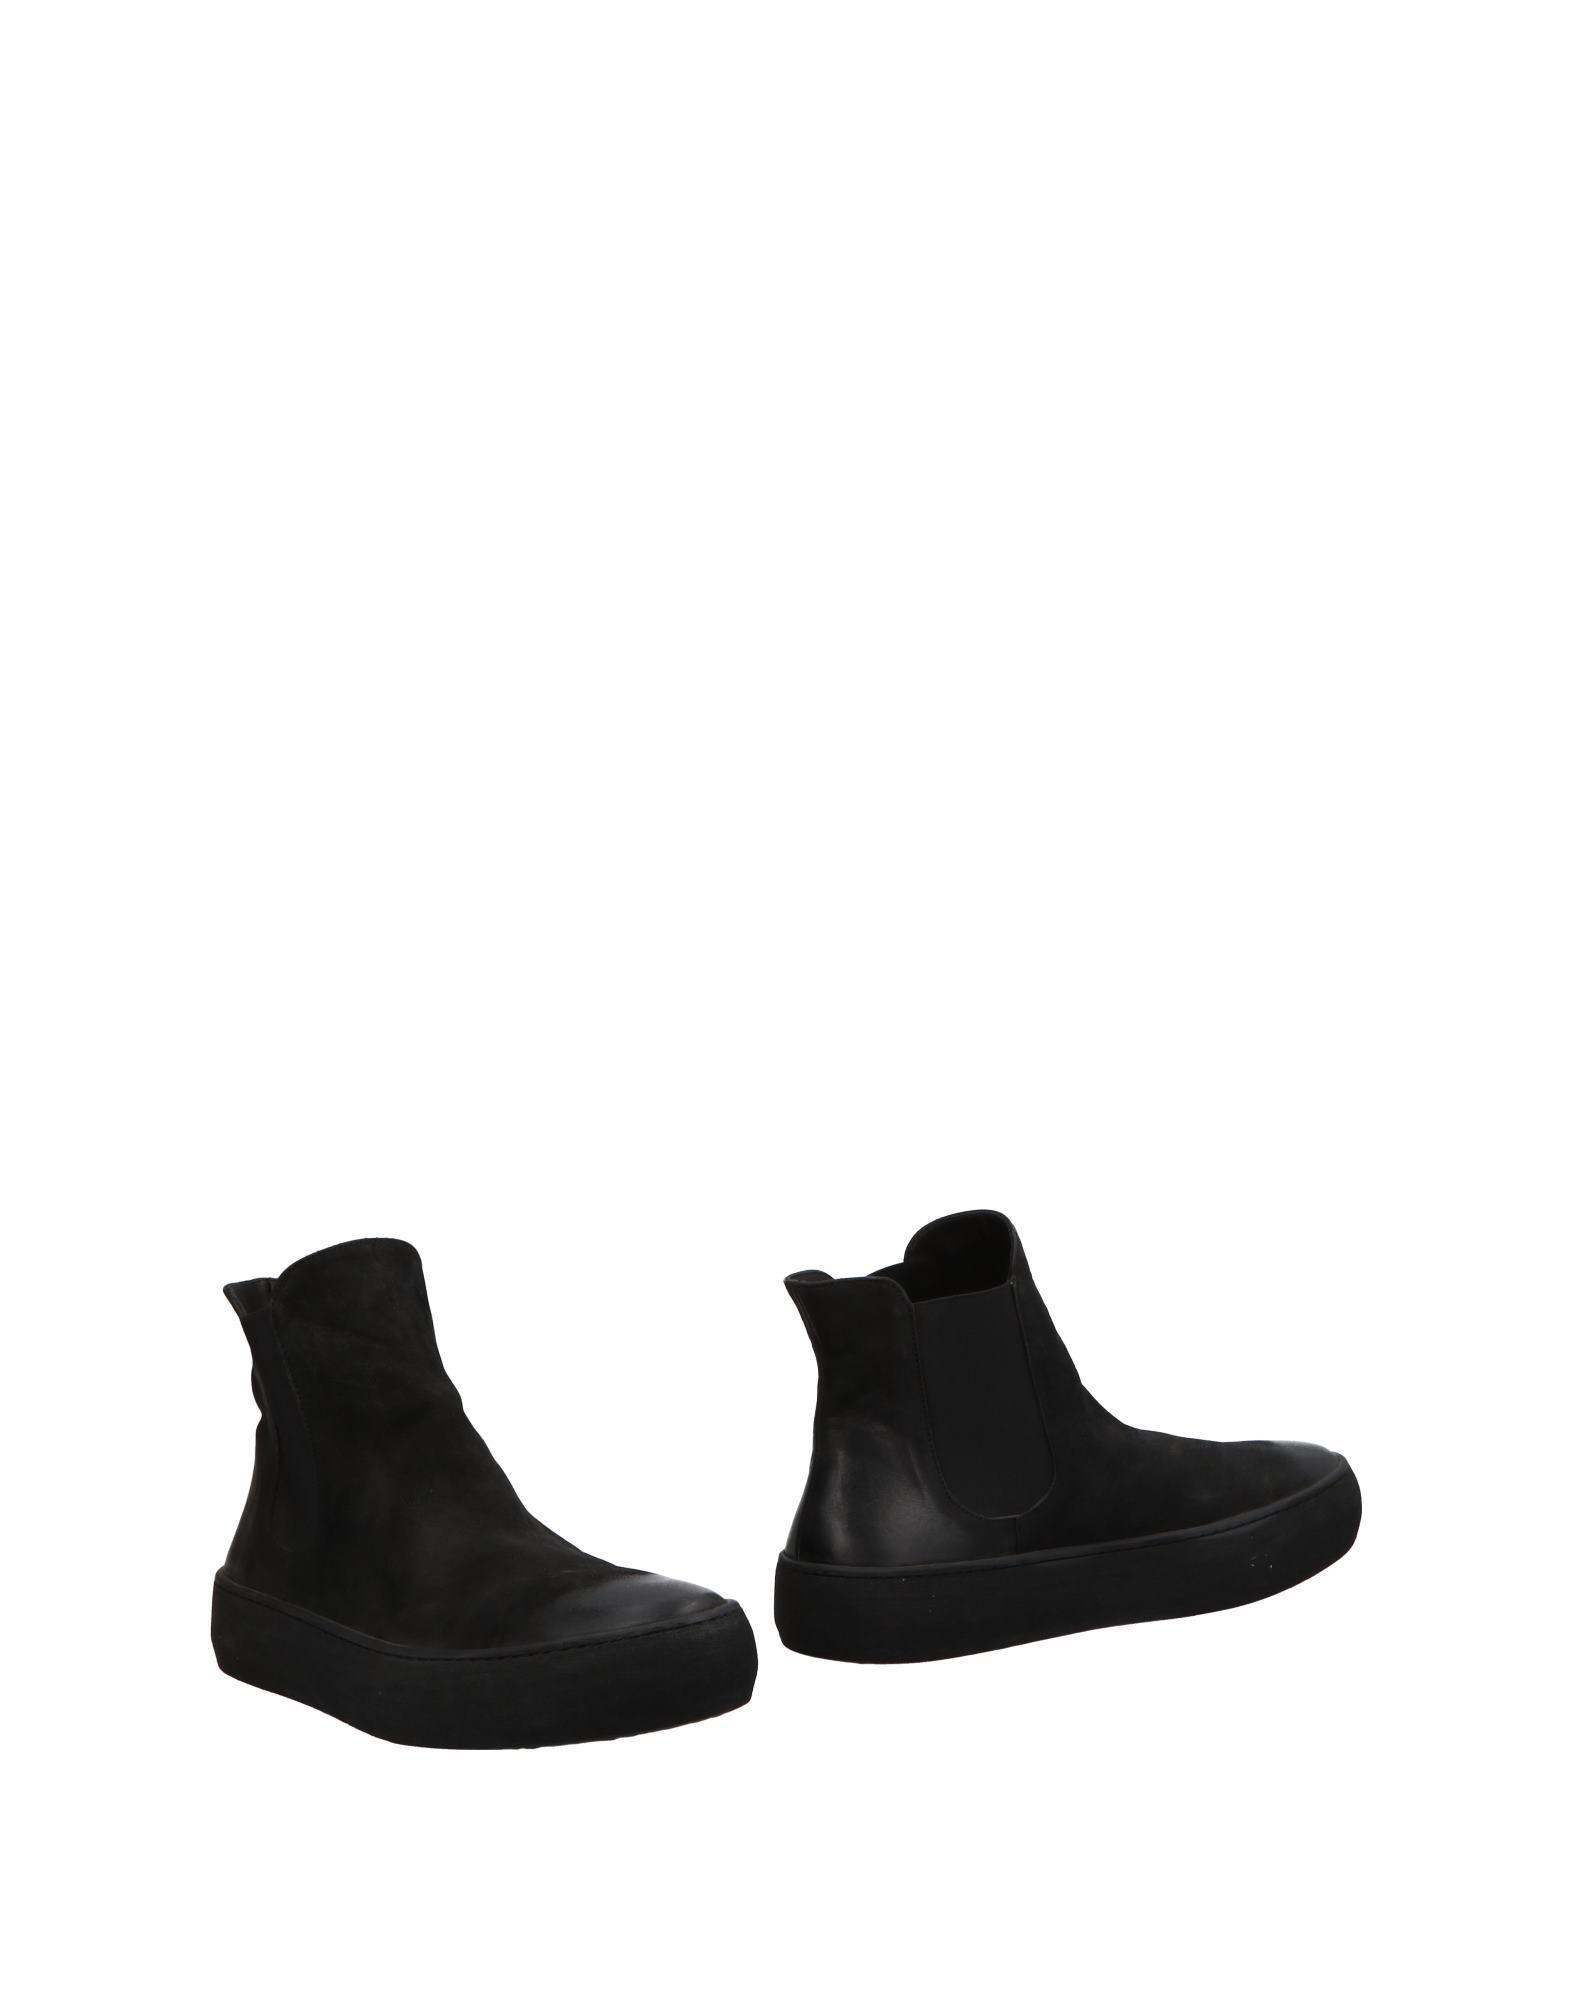 The Last Conspiracy Stiefelette Herren  11486375VW Gute Qualität beliebte Schuhe